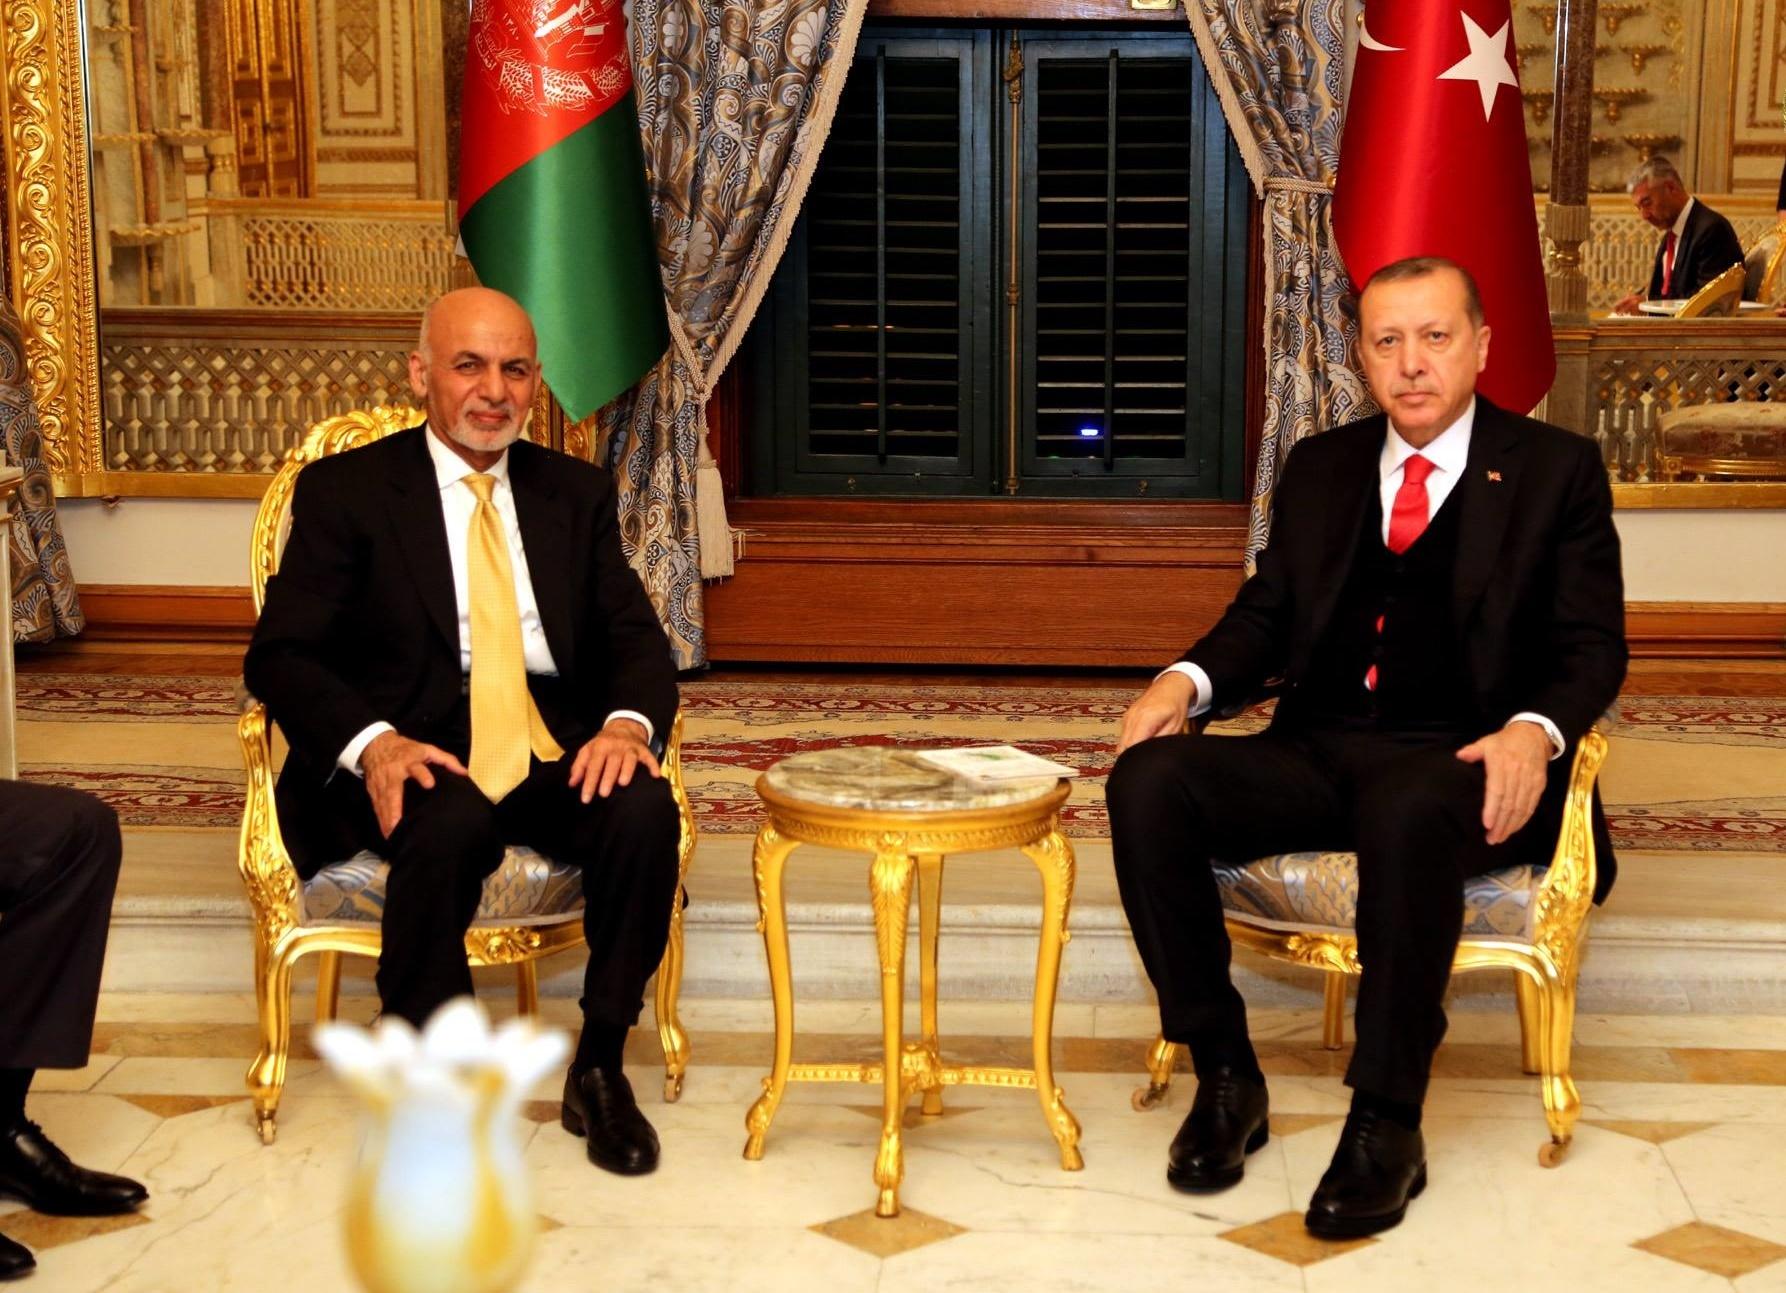 گفتگوی «اشرف غنی» و «اردوغان» درباره مسائل منطقه ای و پروسه صلح